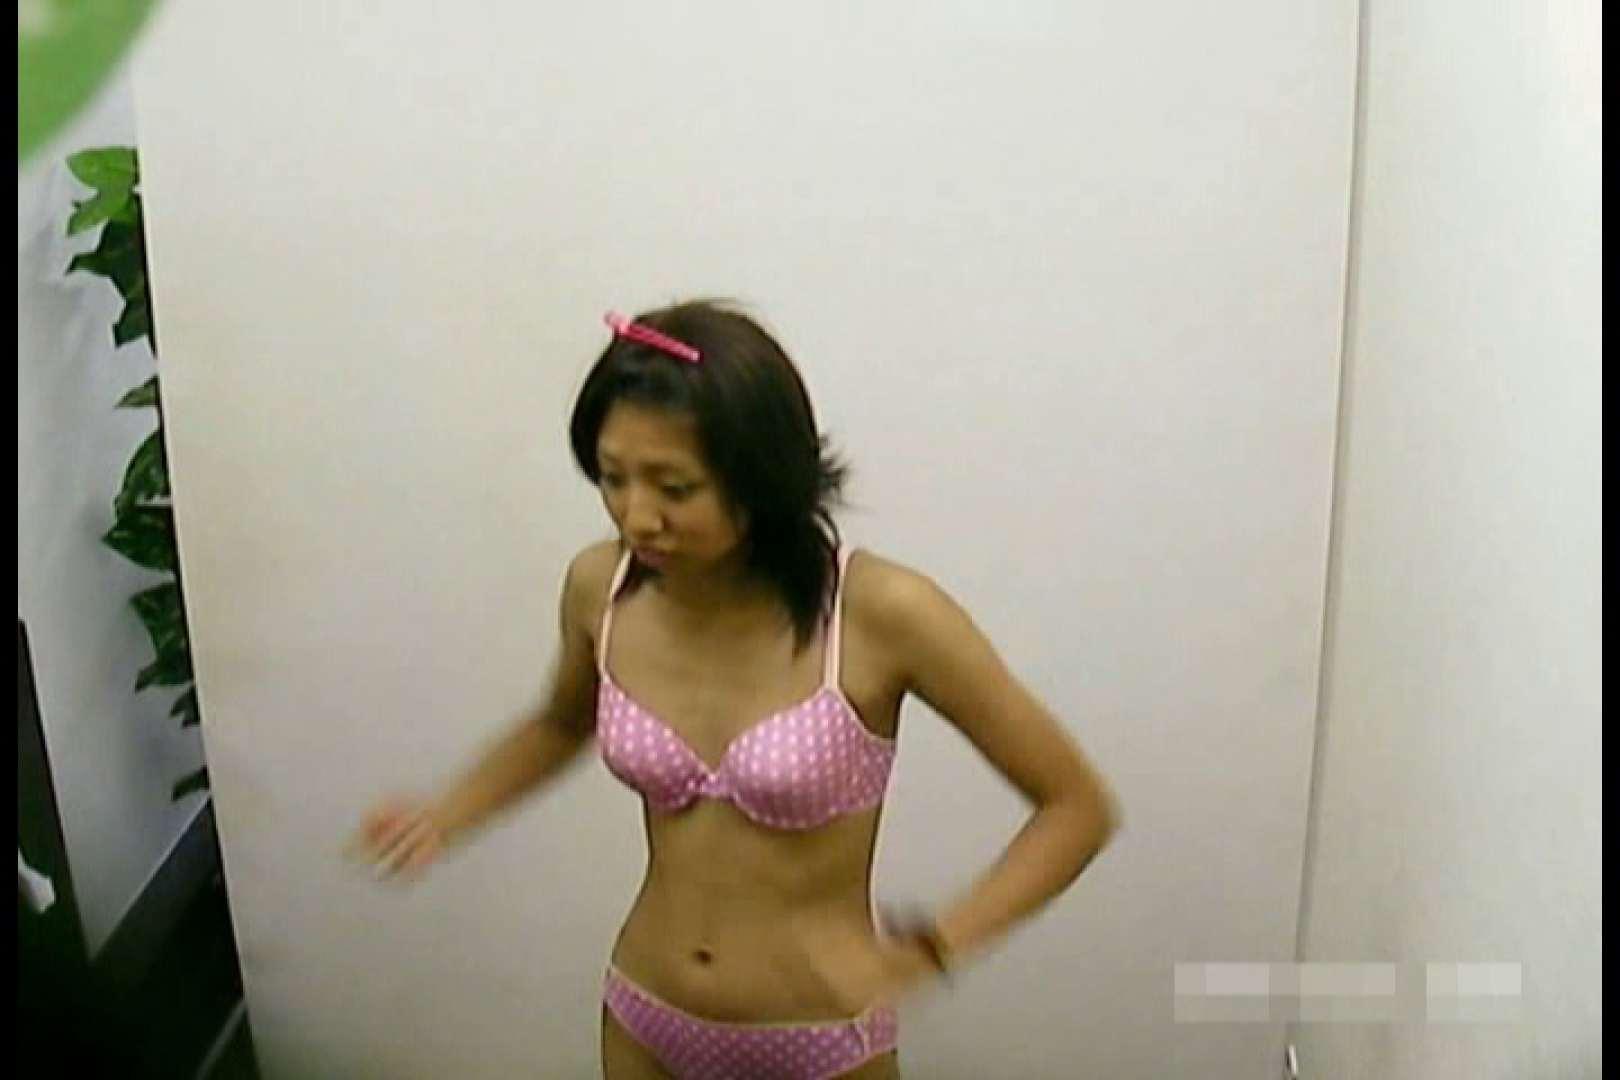 素人撮影 下着だけの撮影のはずが・・・エミちゃん18歳 マンコ映像 ワレメ動画紹介 105連発 21